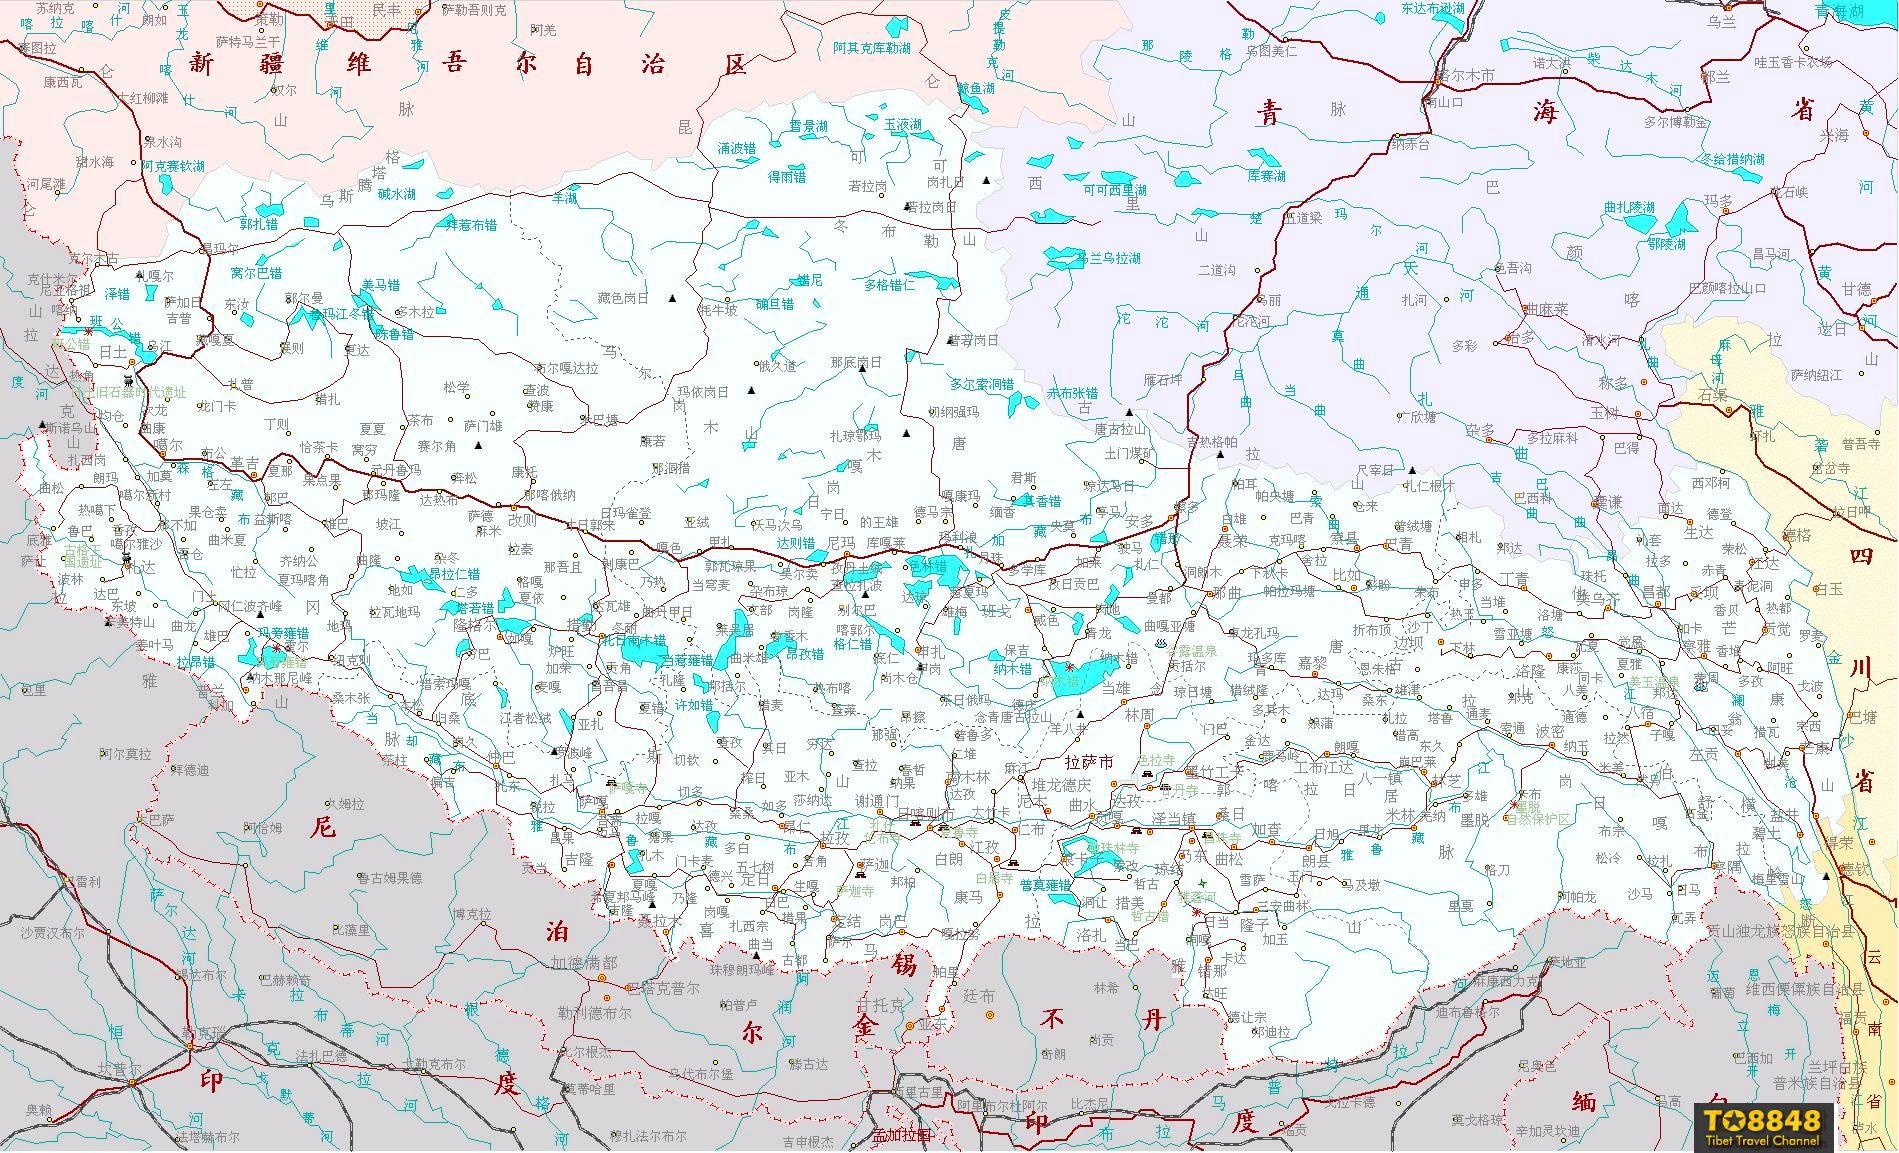 西藏行政地名详细地图